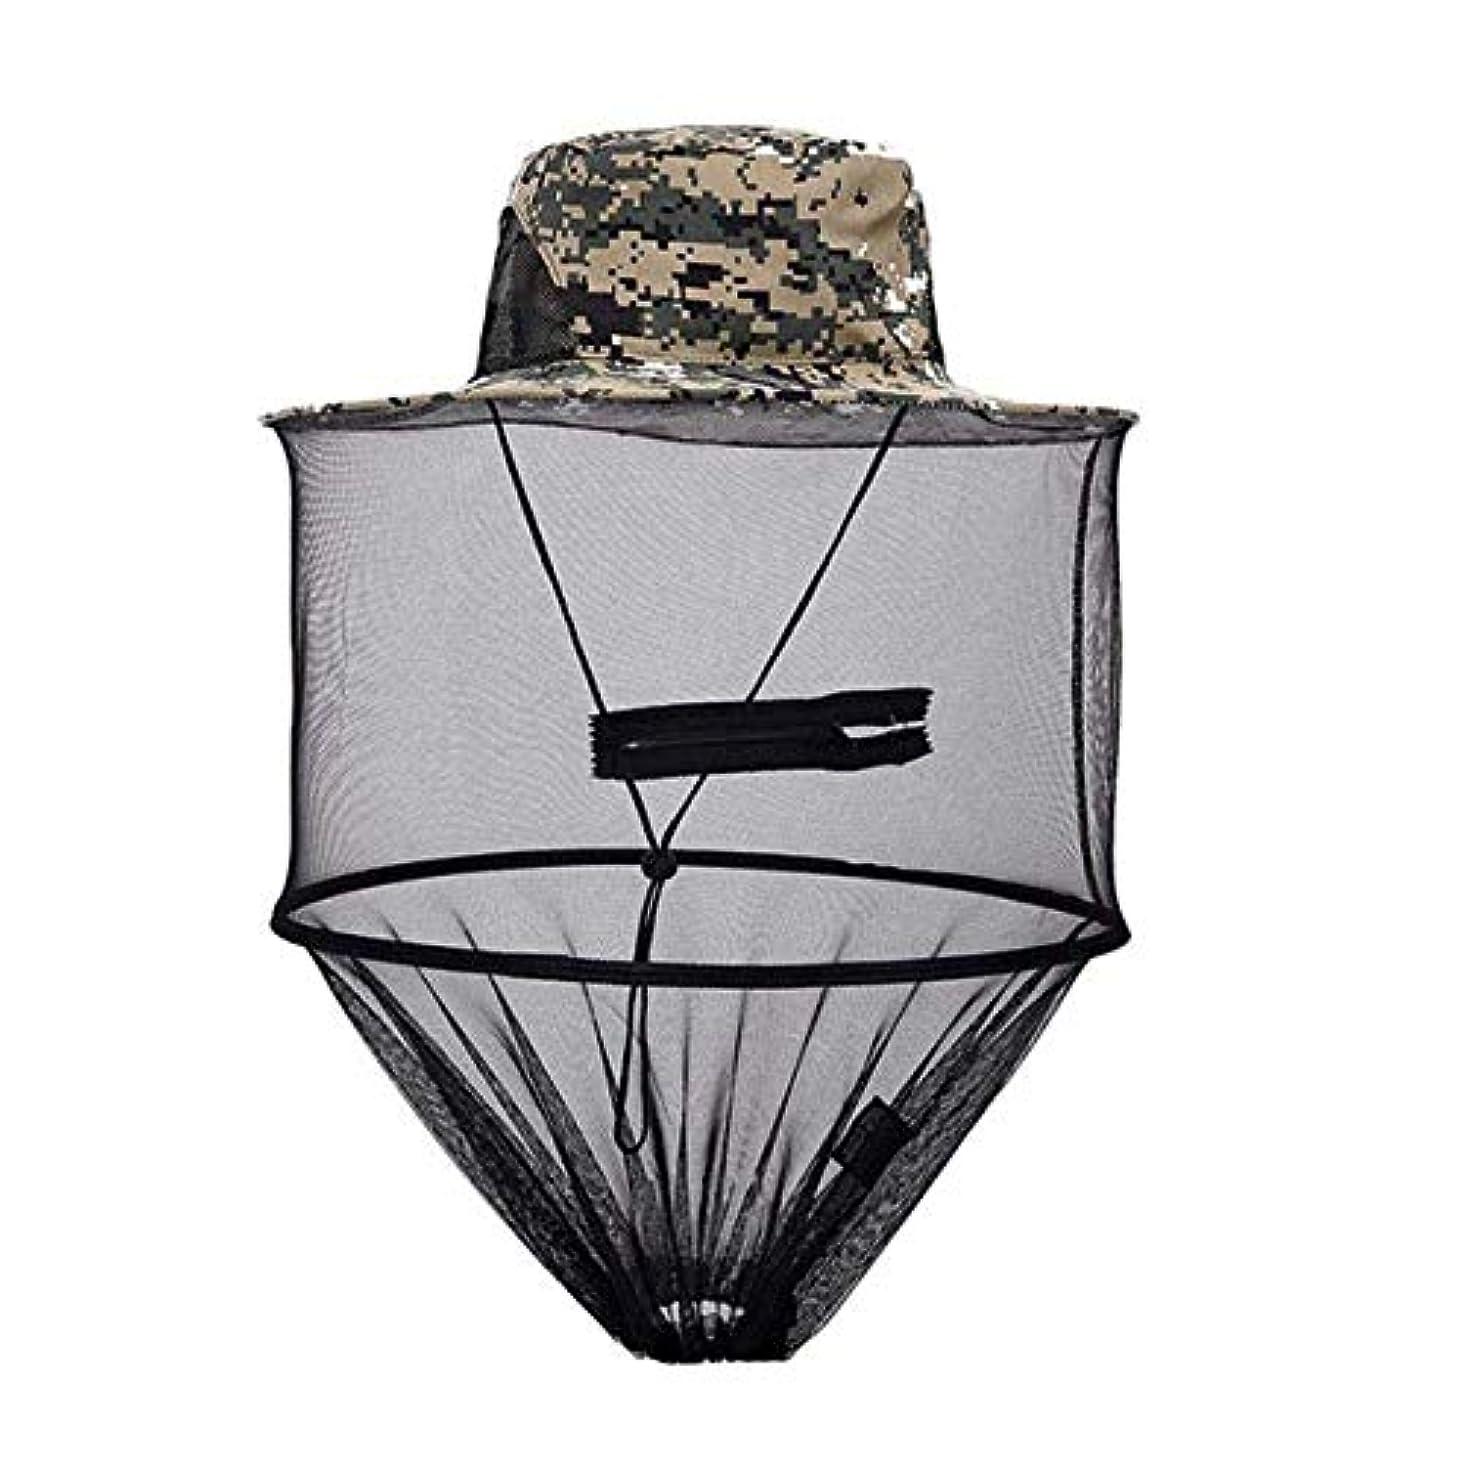 昨日リーズ初期Saikogoods アウトドアキャンプハイキング狩猟のためにネットメッシュ?ヘッドフェイスプロテクター 釣りの帽子蚊キャップ ミッジフライバグ昆虫蜂ハット デジタル迷彩